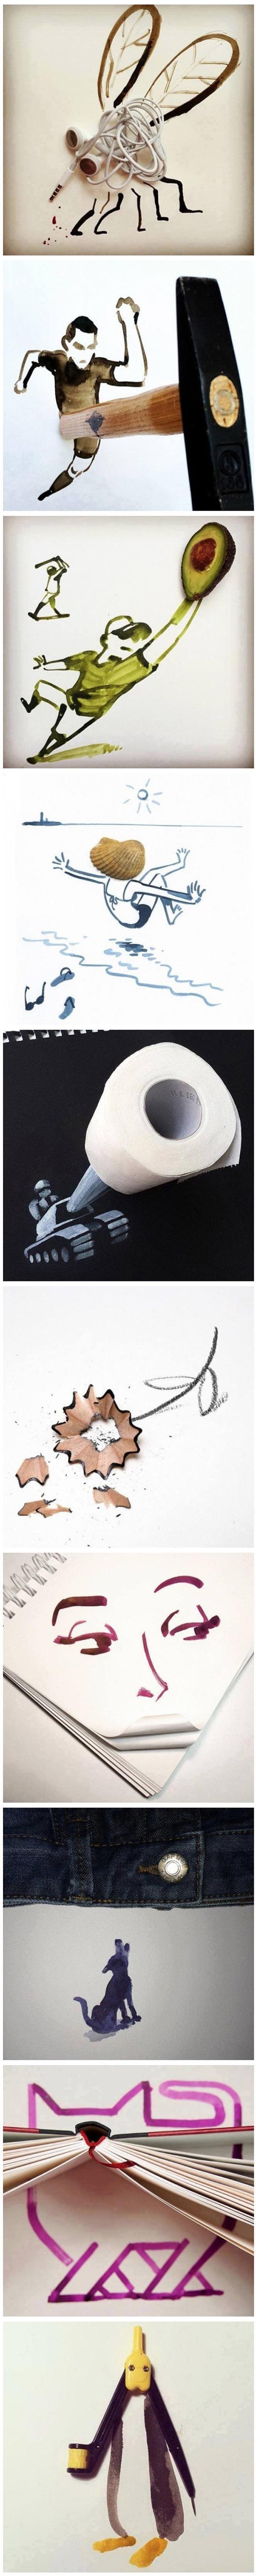 Dibujos divertidos con cosas cotidianas